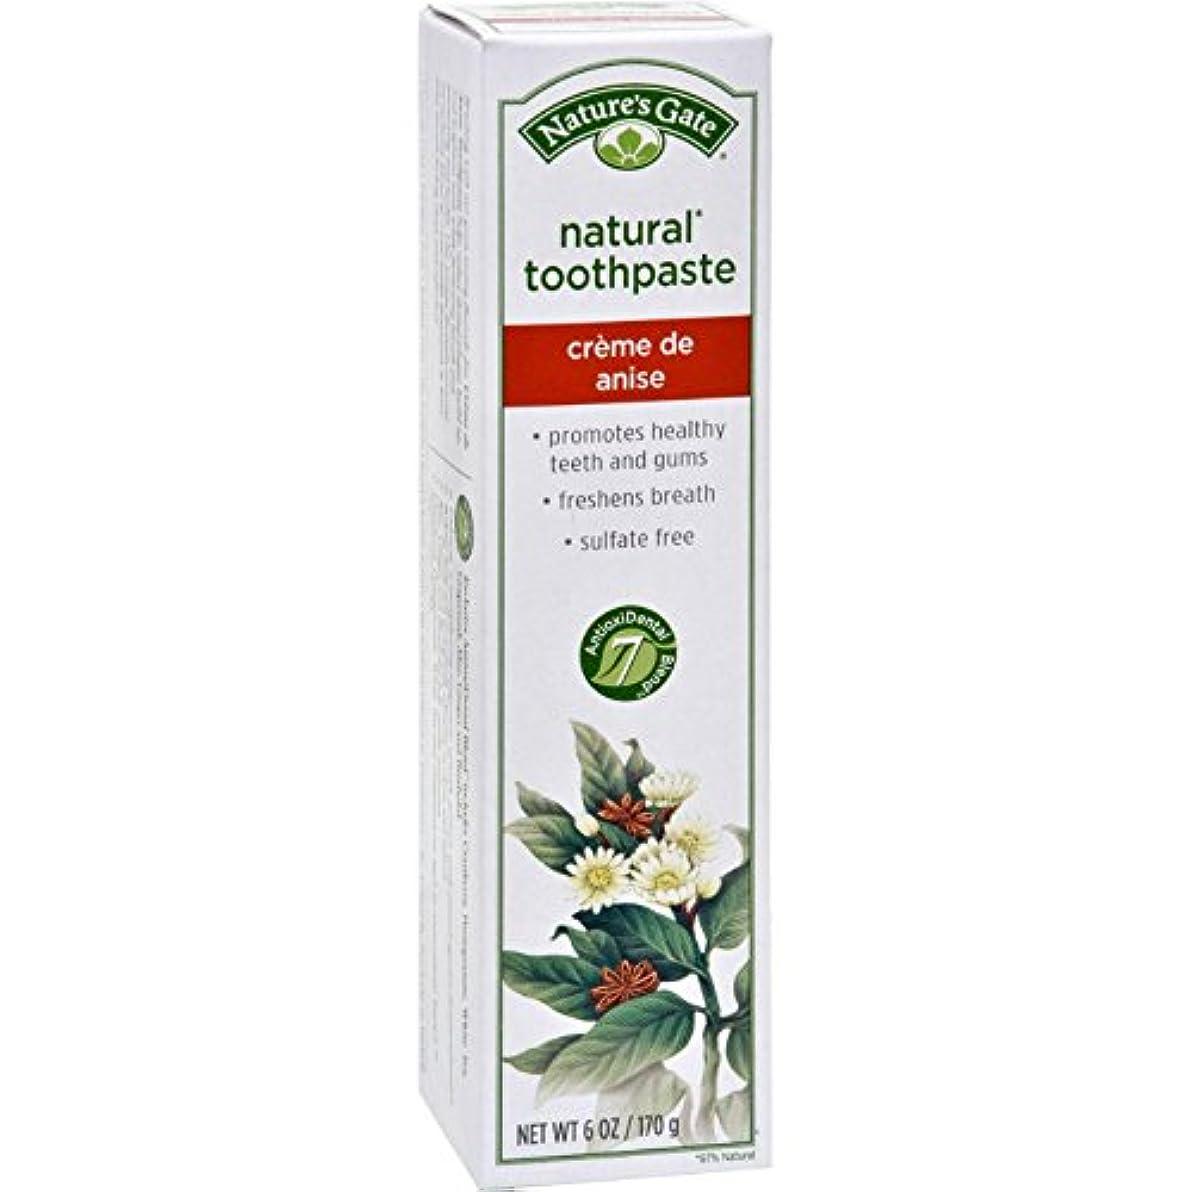 準備した増幅シーサイド海外直送品Toothpaste Creme De, Anise 6 Oz by Nature's Gate